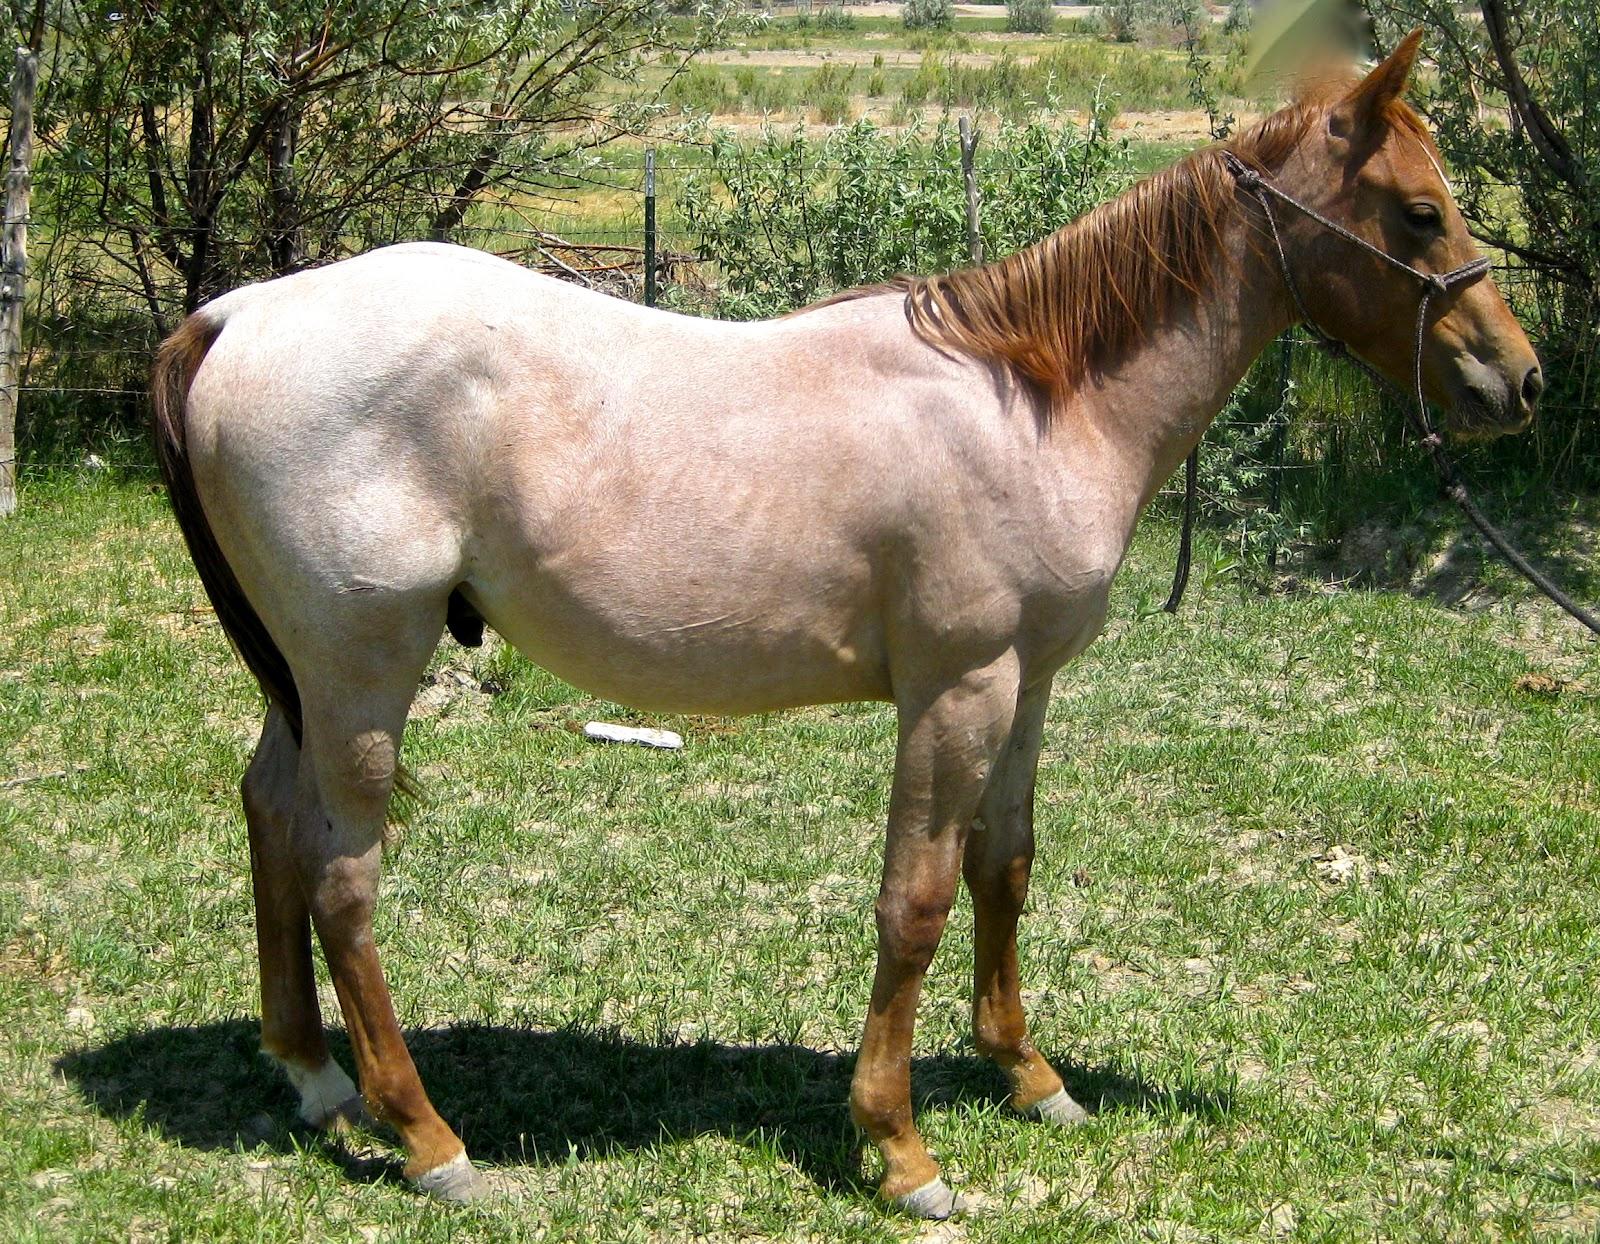 Roan River Ranch Quarter Horses: 2011 colts - photo#27